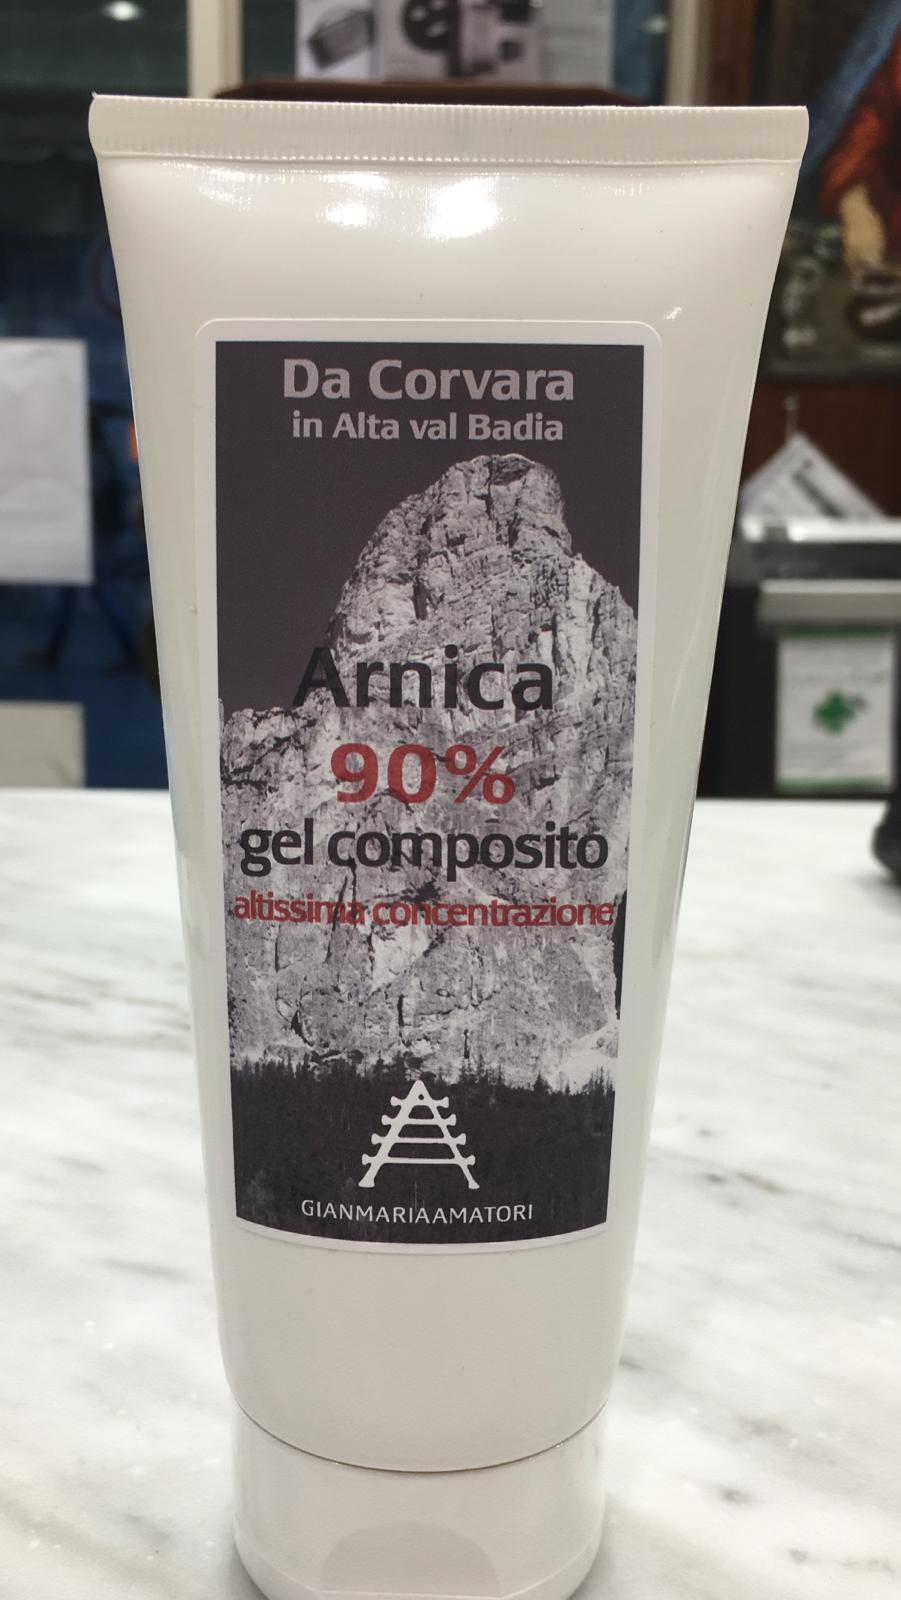 ARNICA MONTANA GEL 90 PER CENTO 200 ml